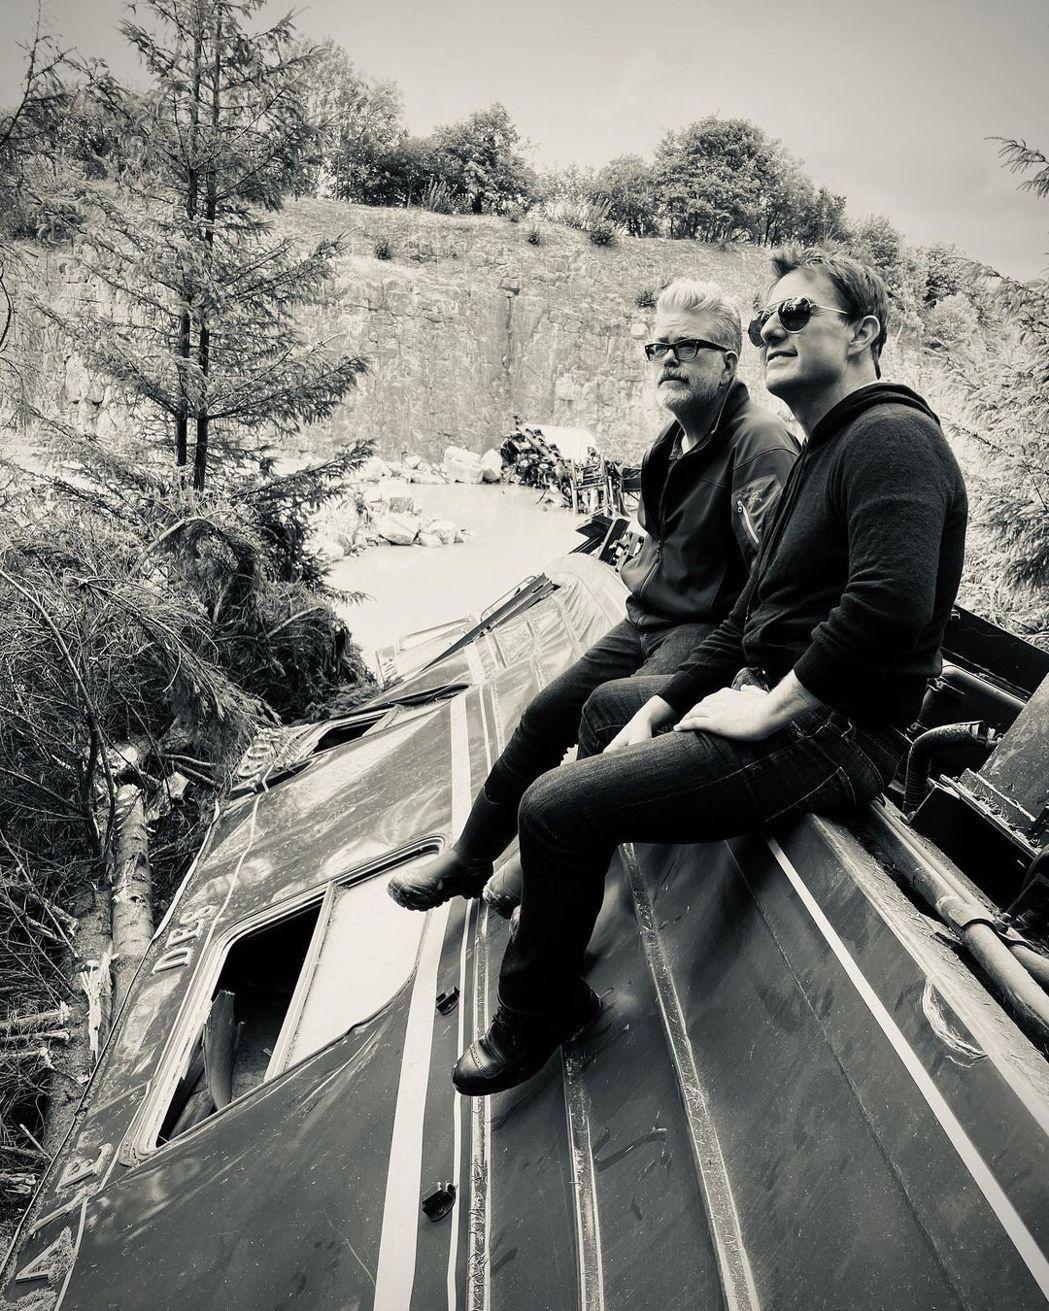 「不可能的任務7」導演克里斯多夫麥奎里(左)發布與湯姆克魯斯合照,向辛苦待到殺青